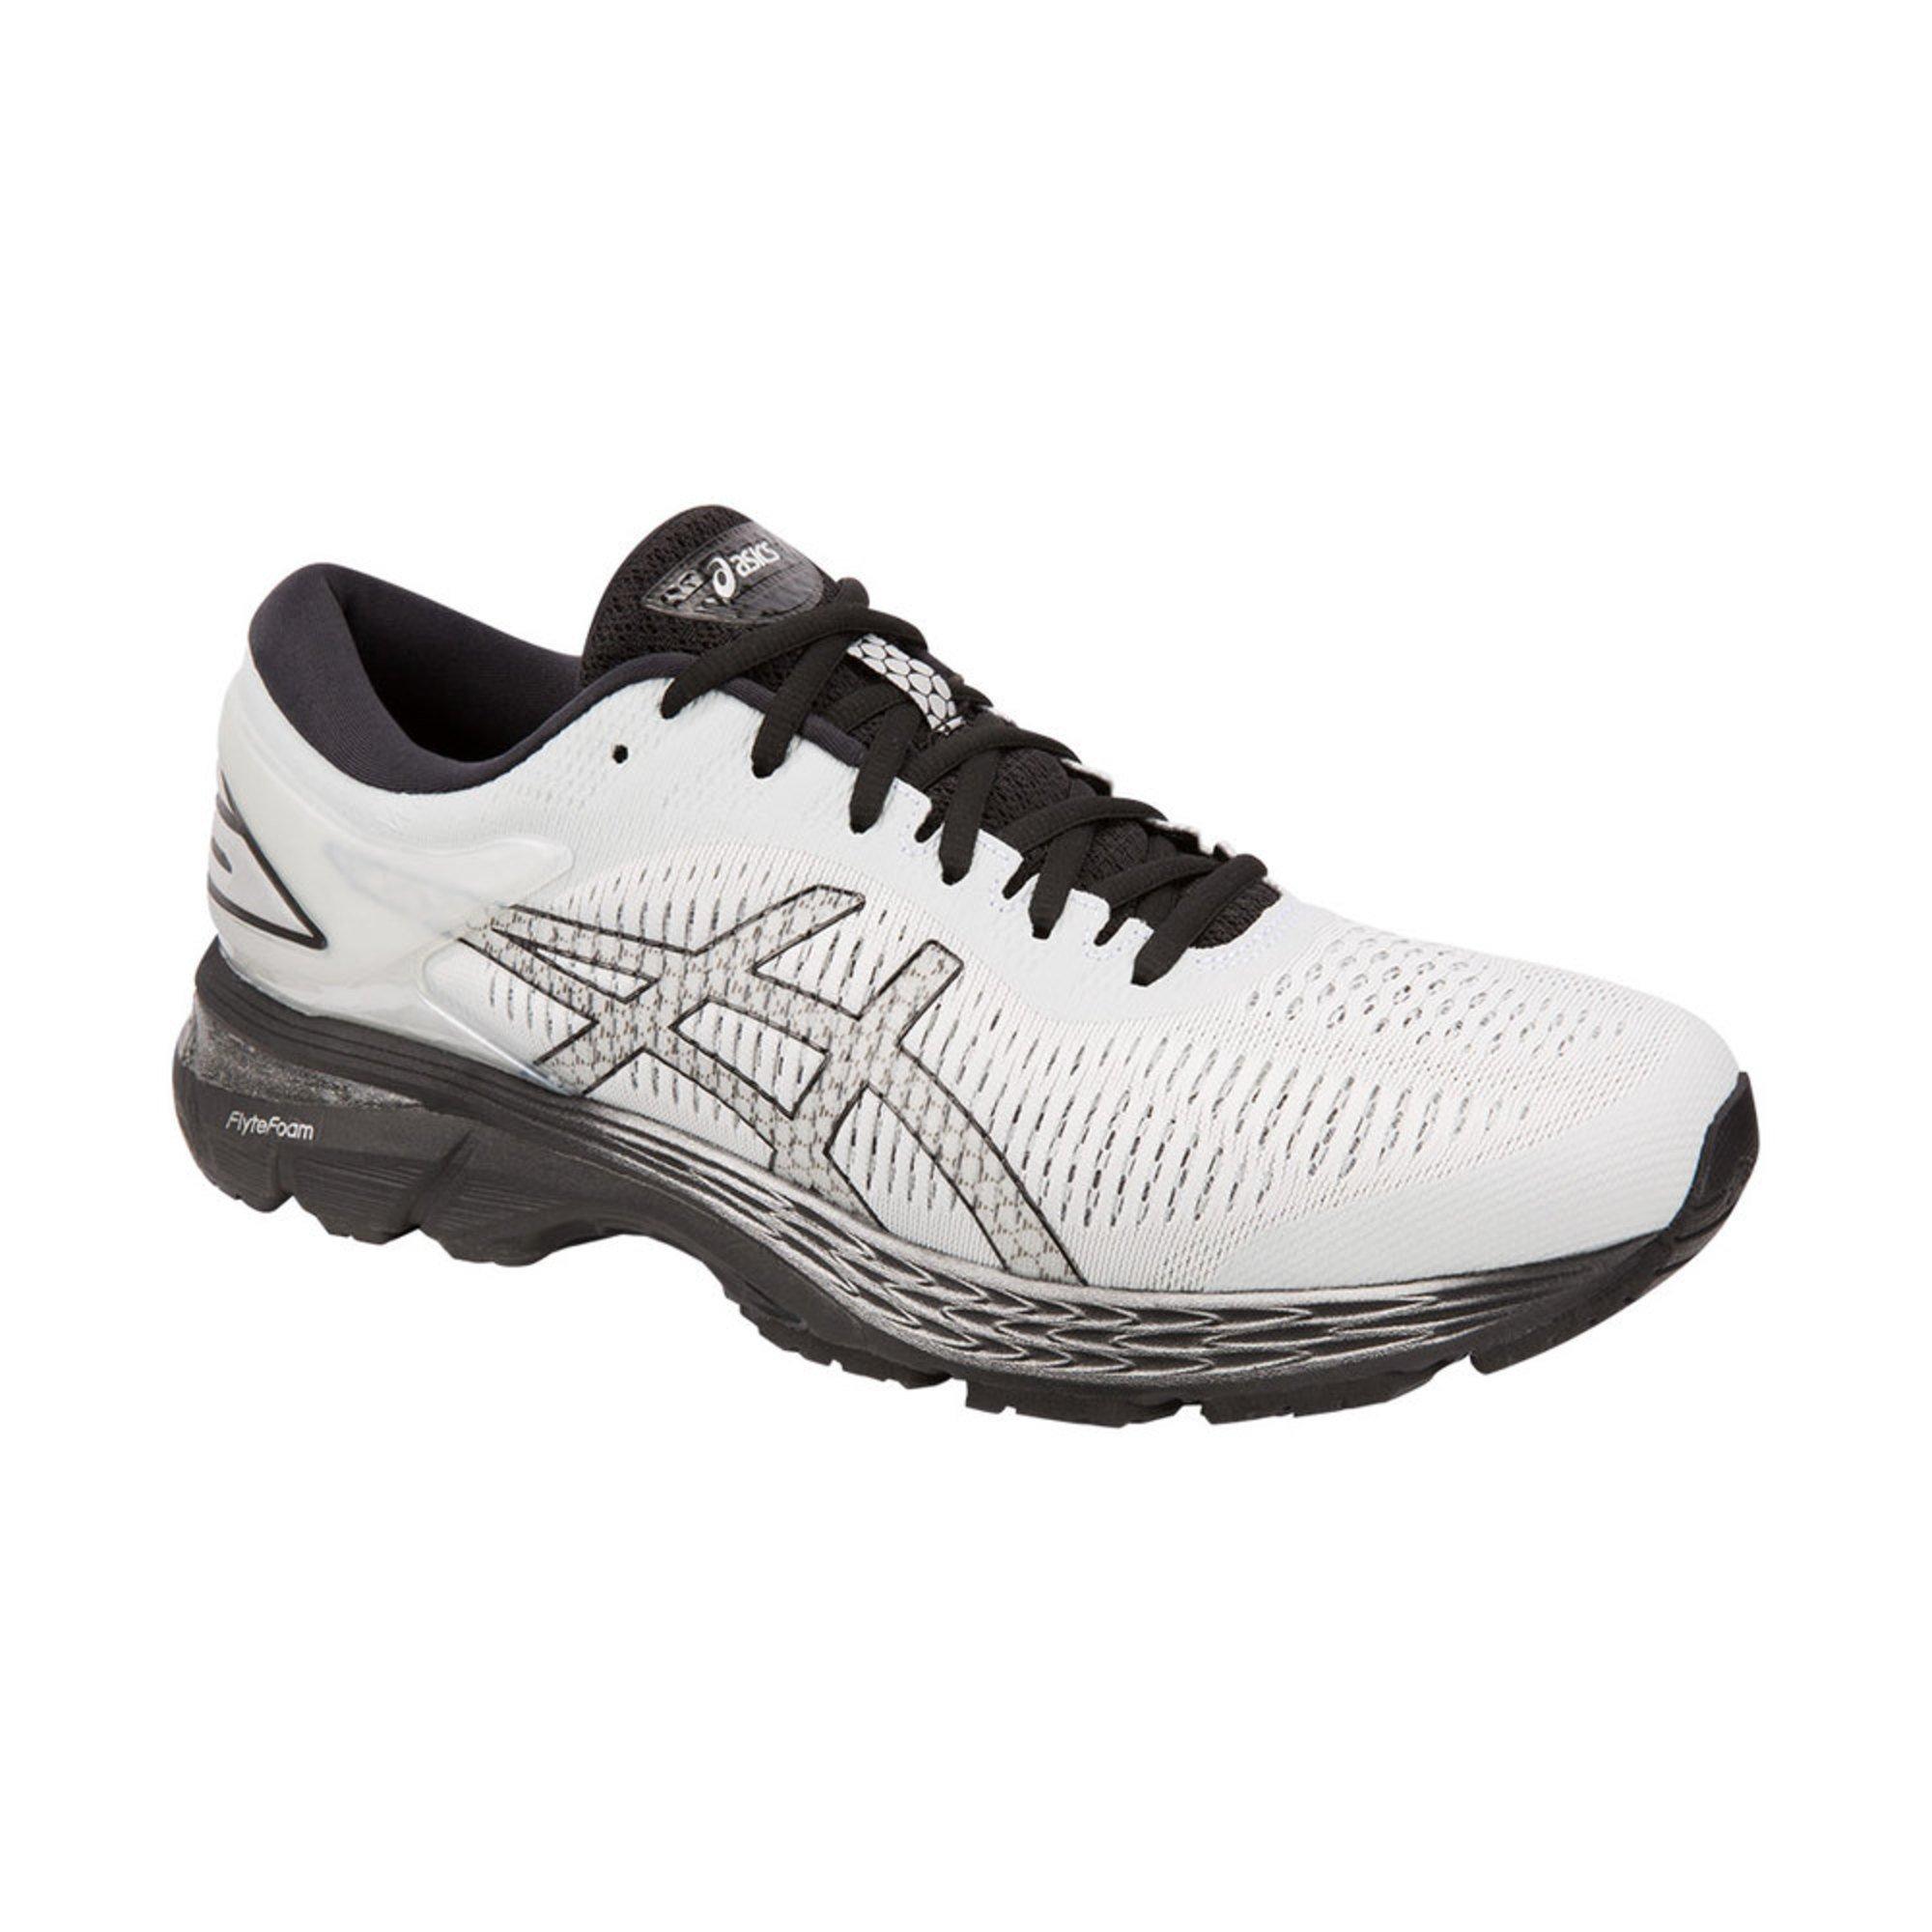 16a4dbc92273 Asics. Asics Men s Gel Kayano 25 Running Shoe